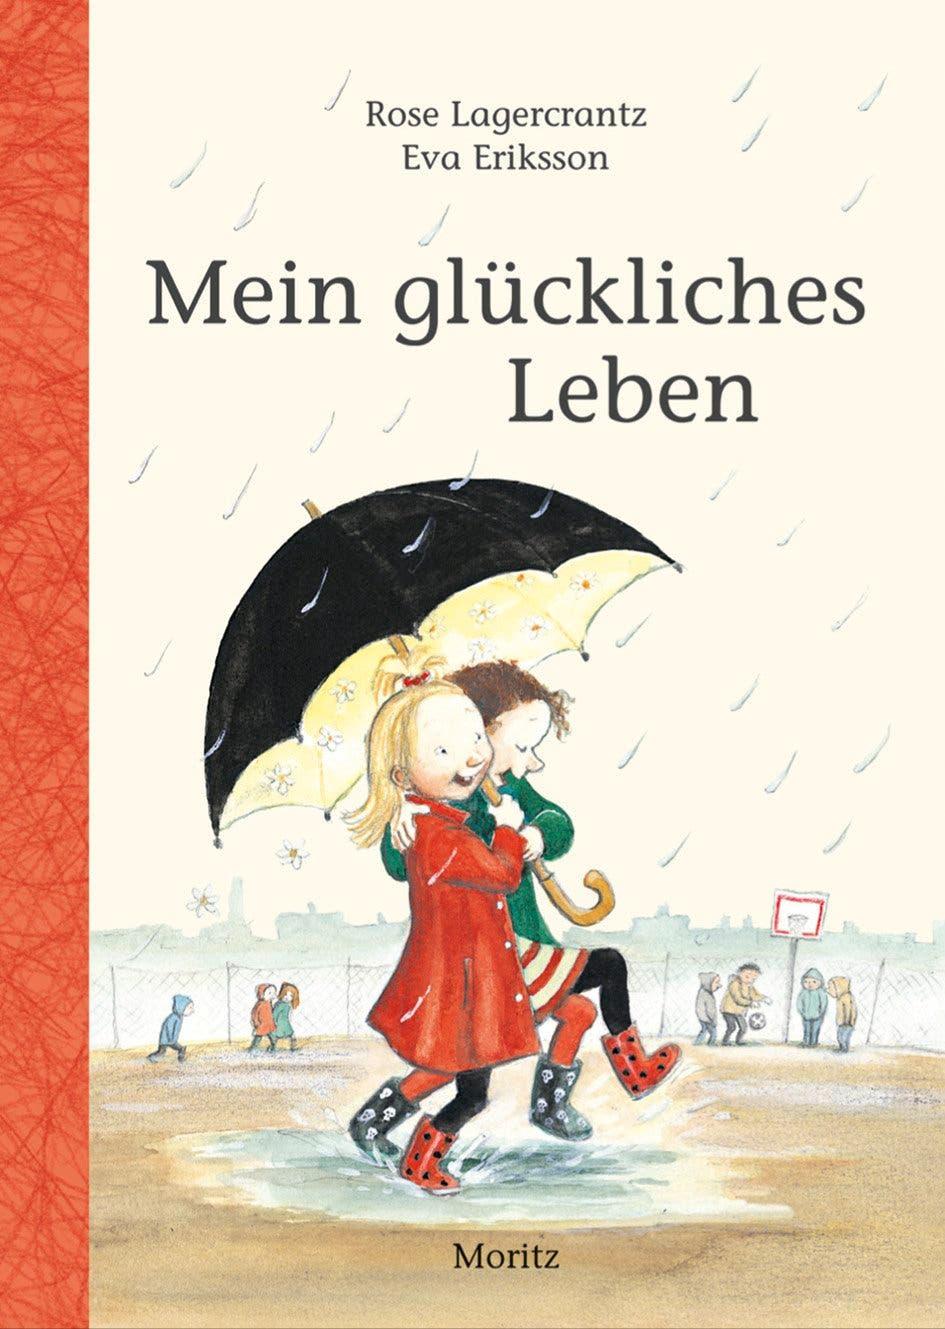 Rose Lagercrantz ist mit den Büchern über Dunne eine Erbin Astrid Lindgrens.